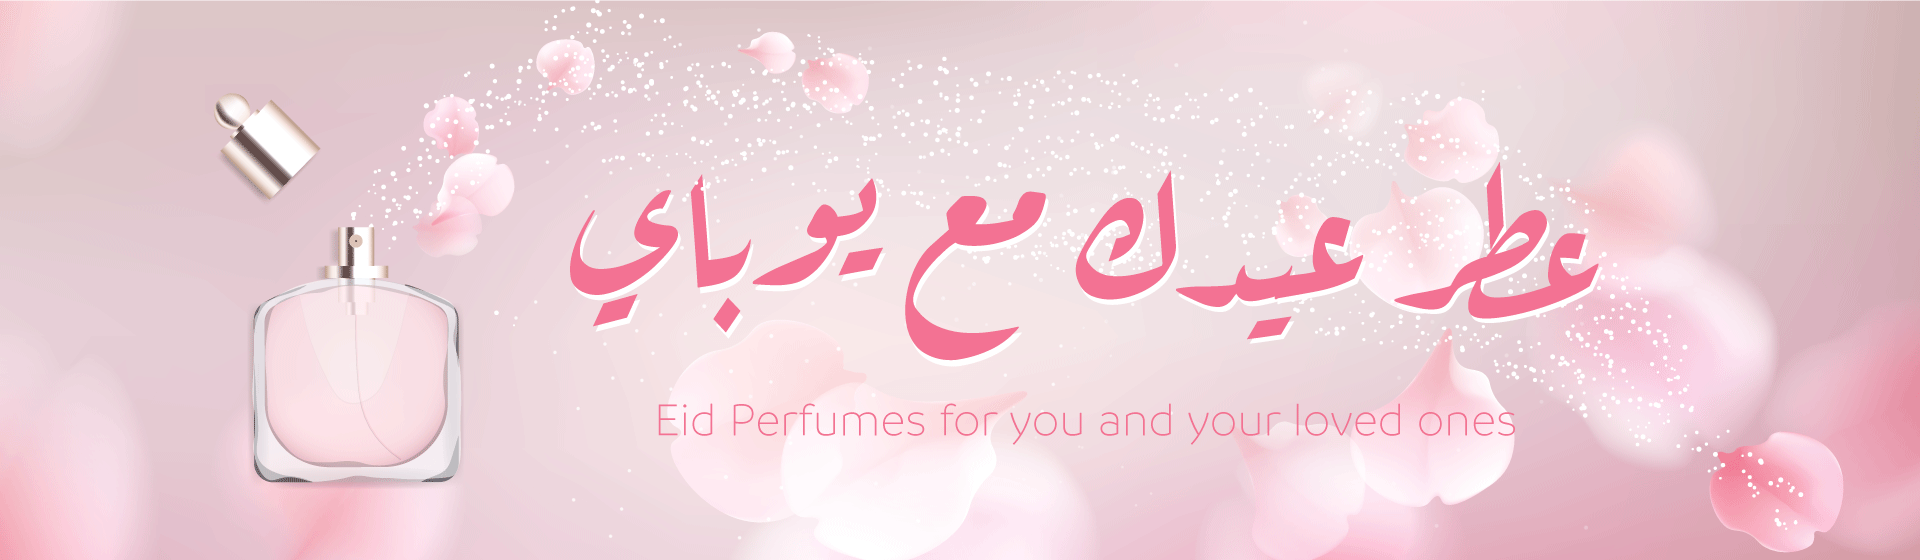 Eid Perfumes